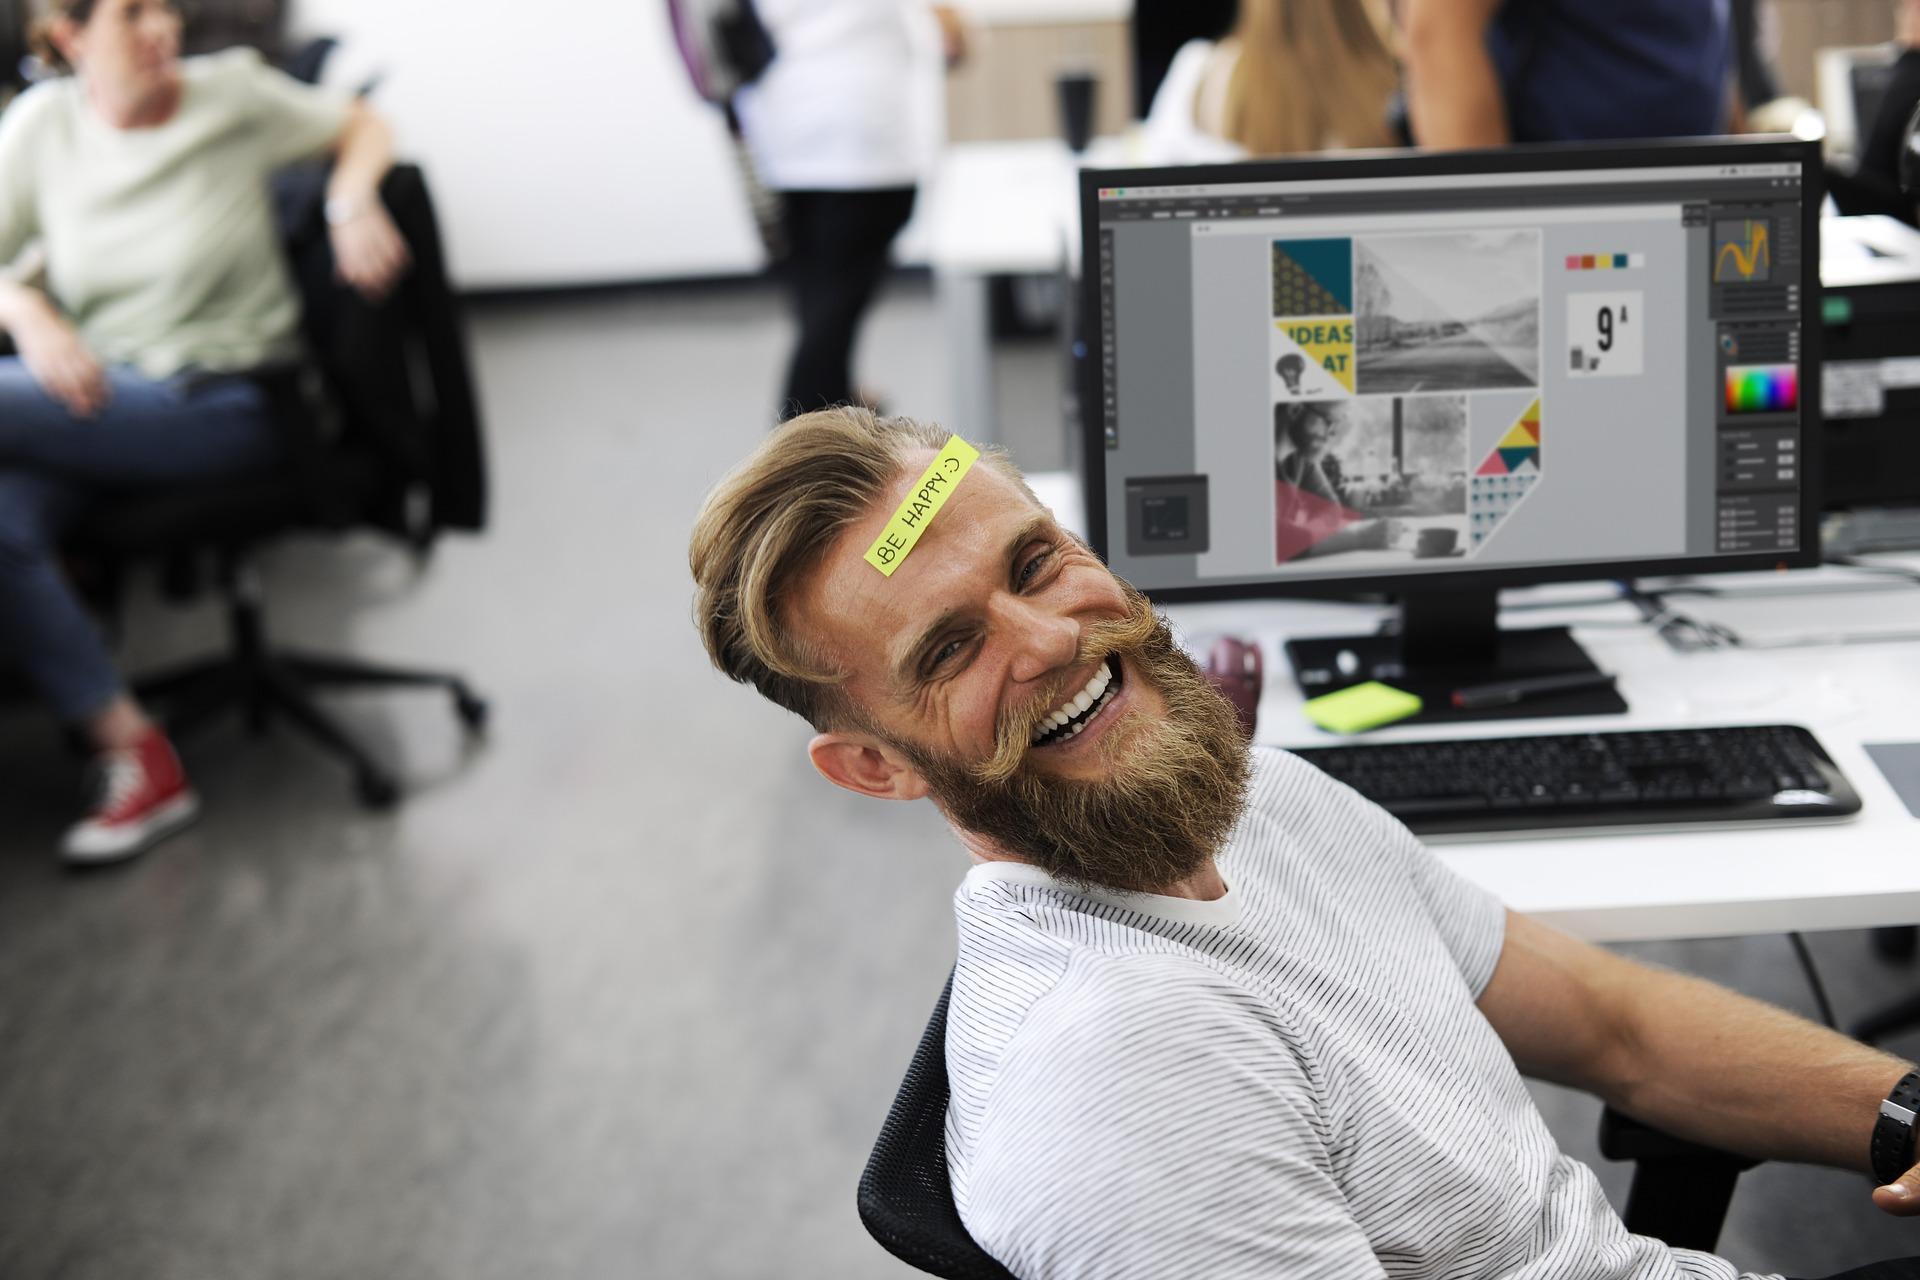 five ways to make money online